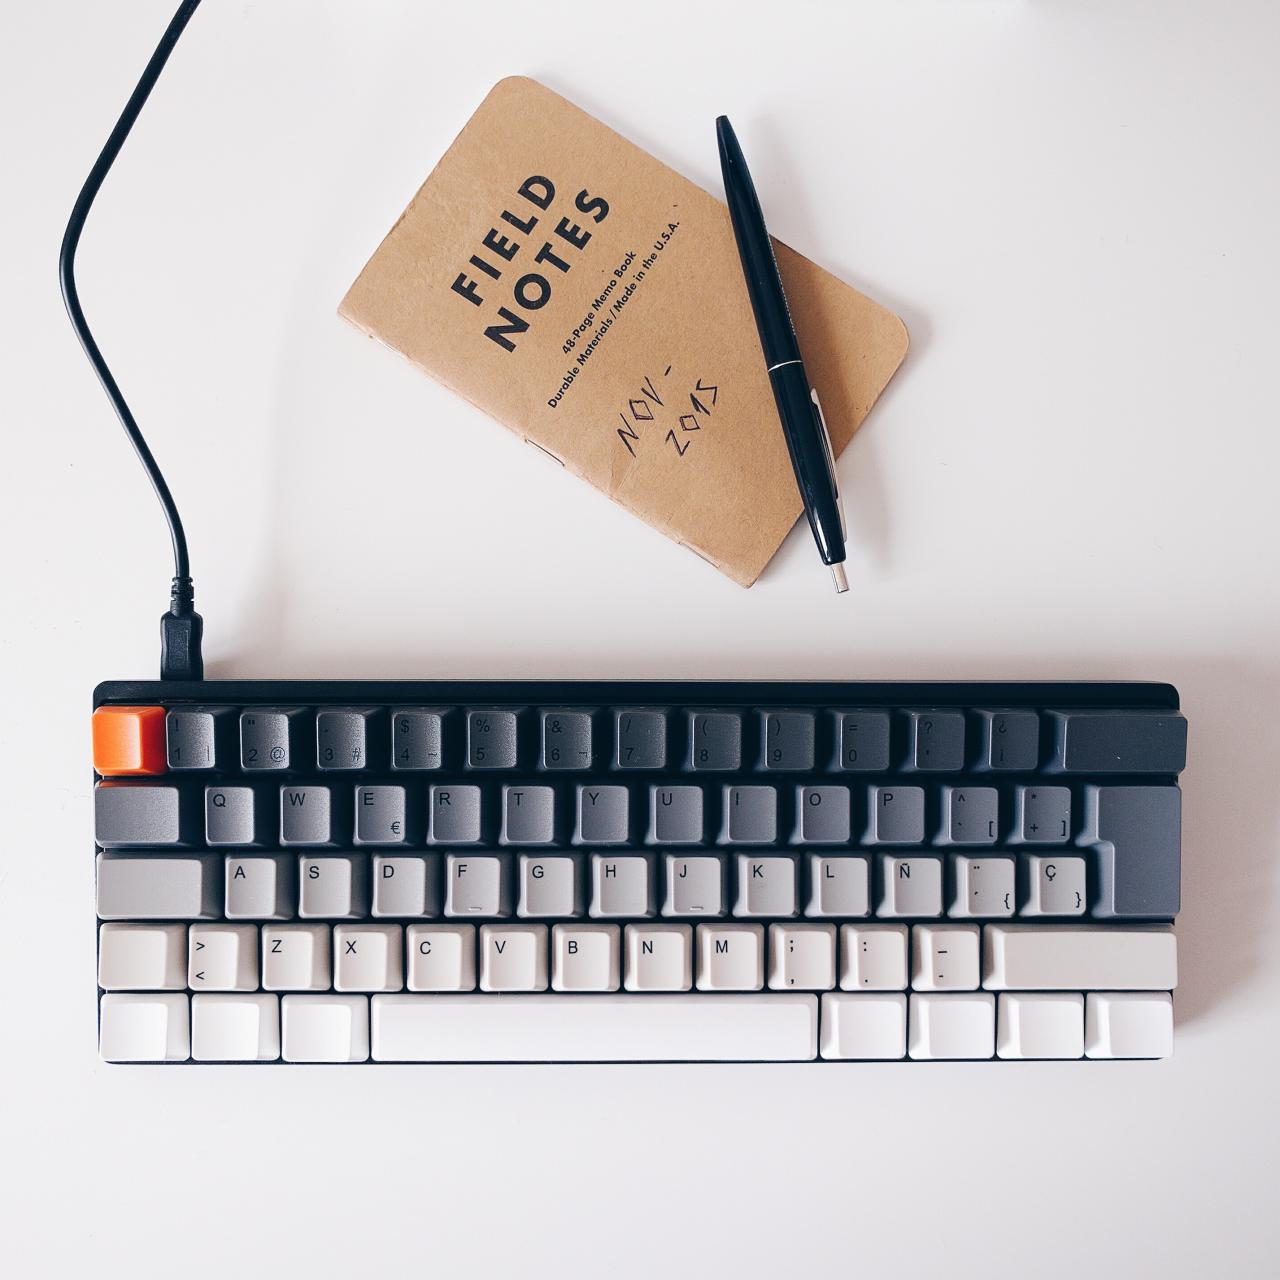 Custom Pok3r + WASD keyboard by reddit